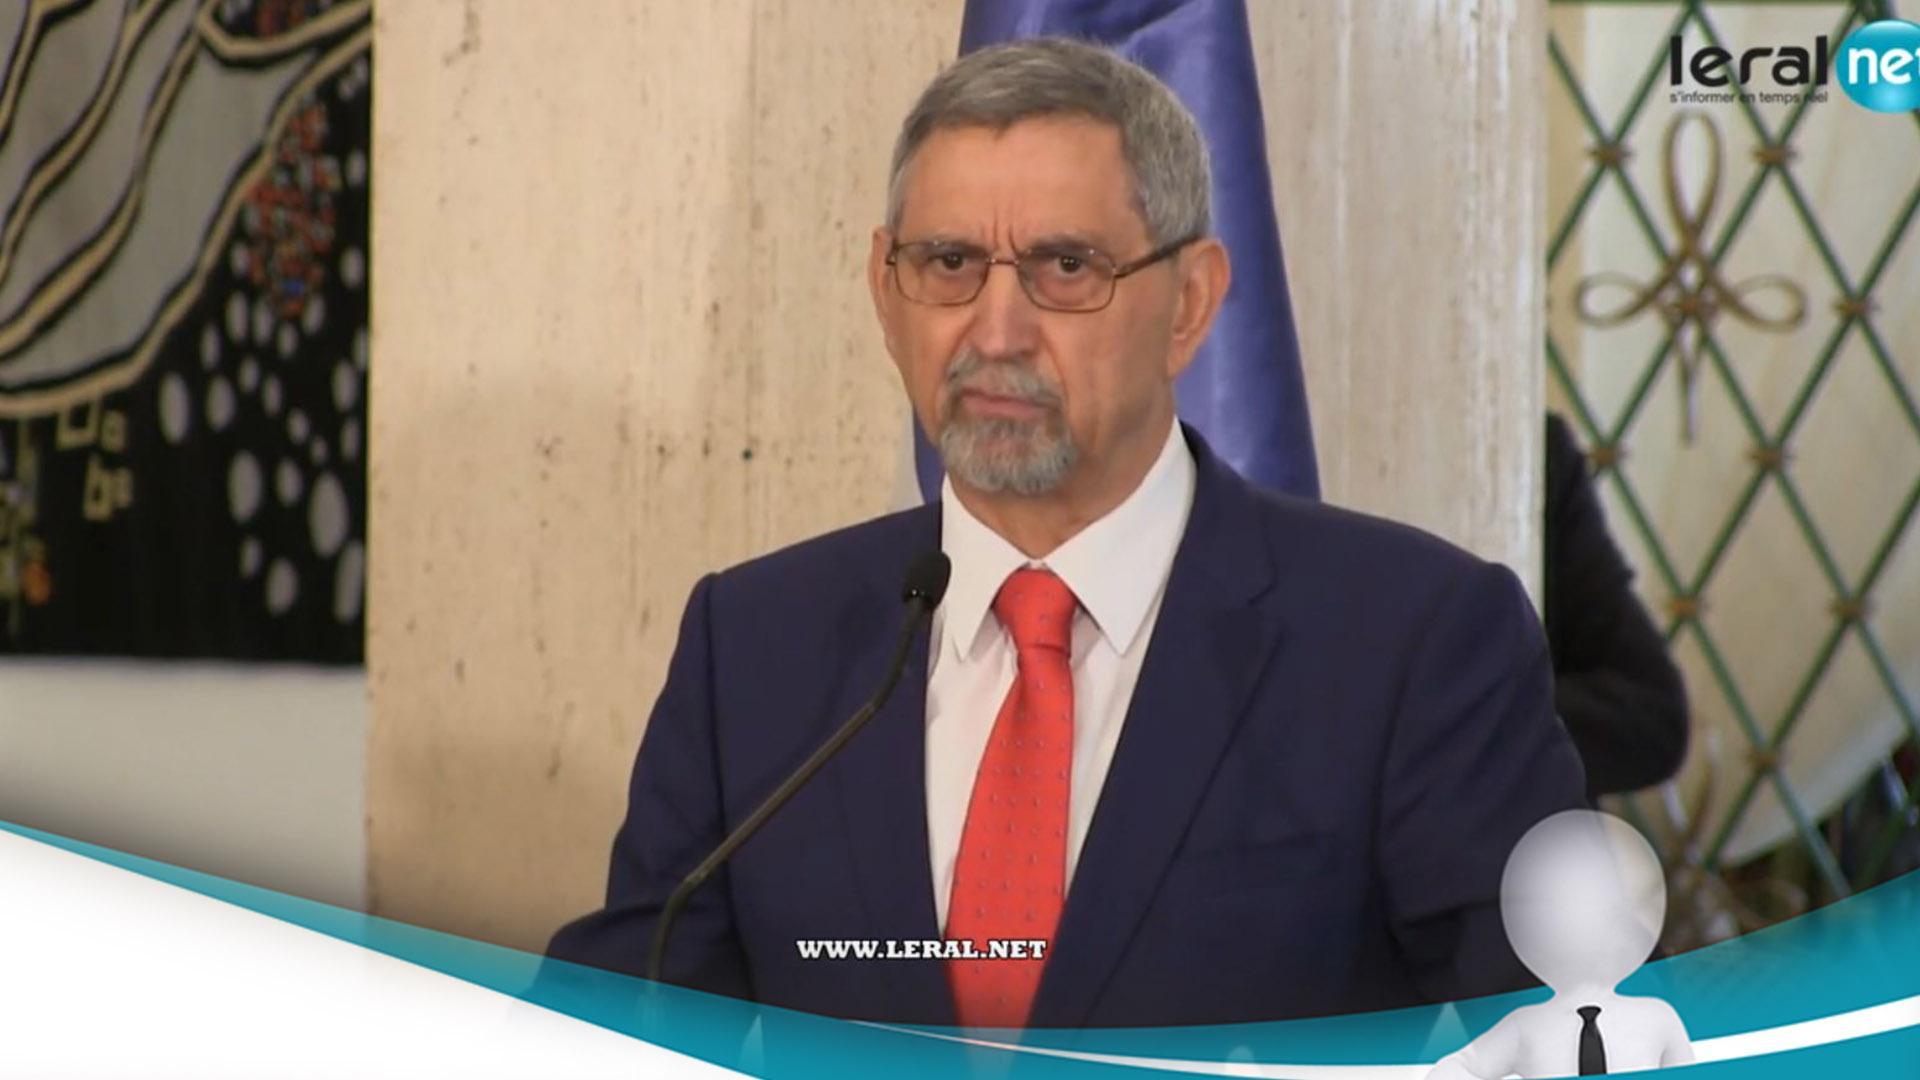 Visite officielle - Le Président Fonseca promet de régulariser les Sénégalais vivant au Cap-Vert